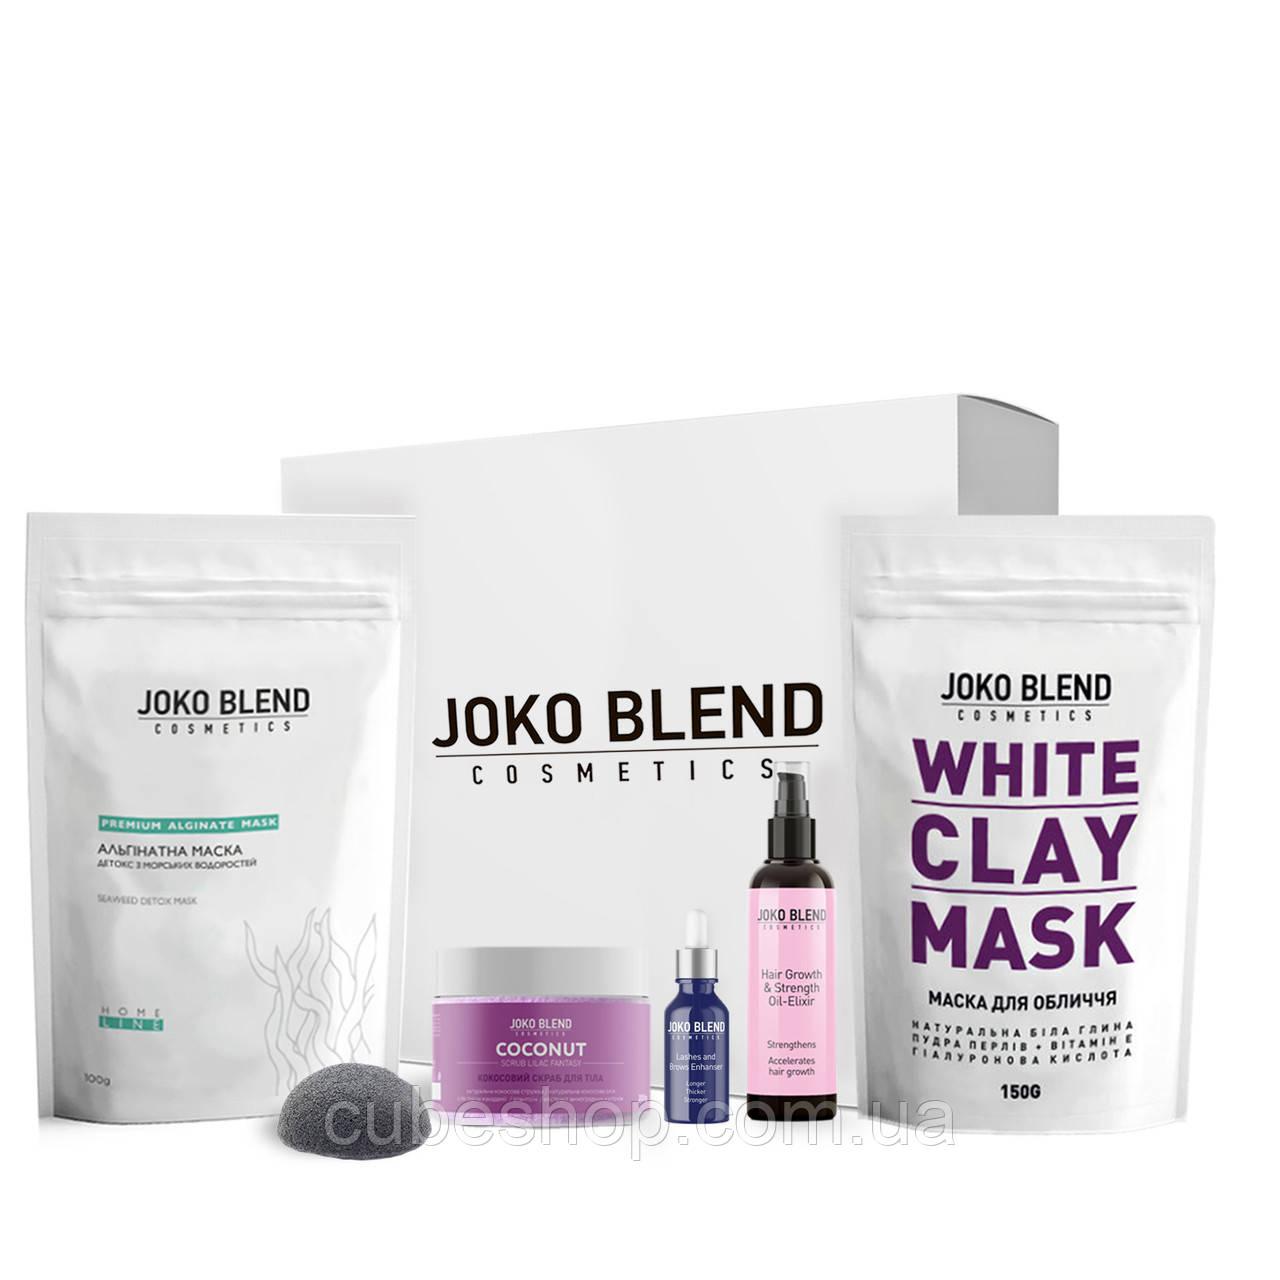 Подарочный набор Relax gift pack Joko Blend